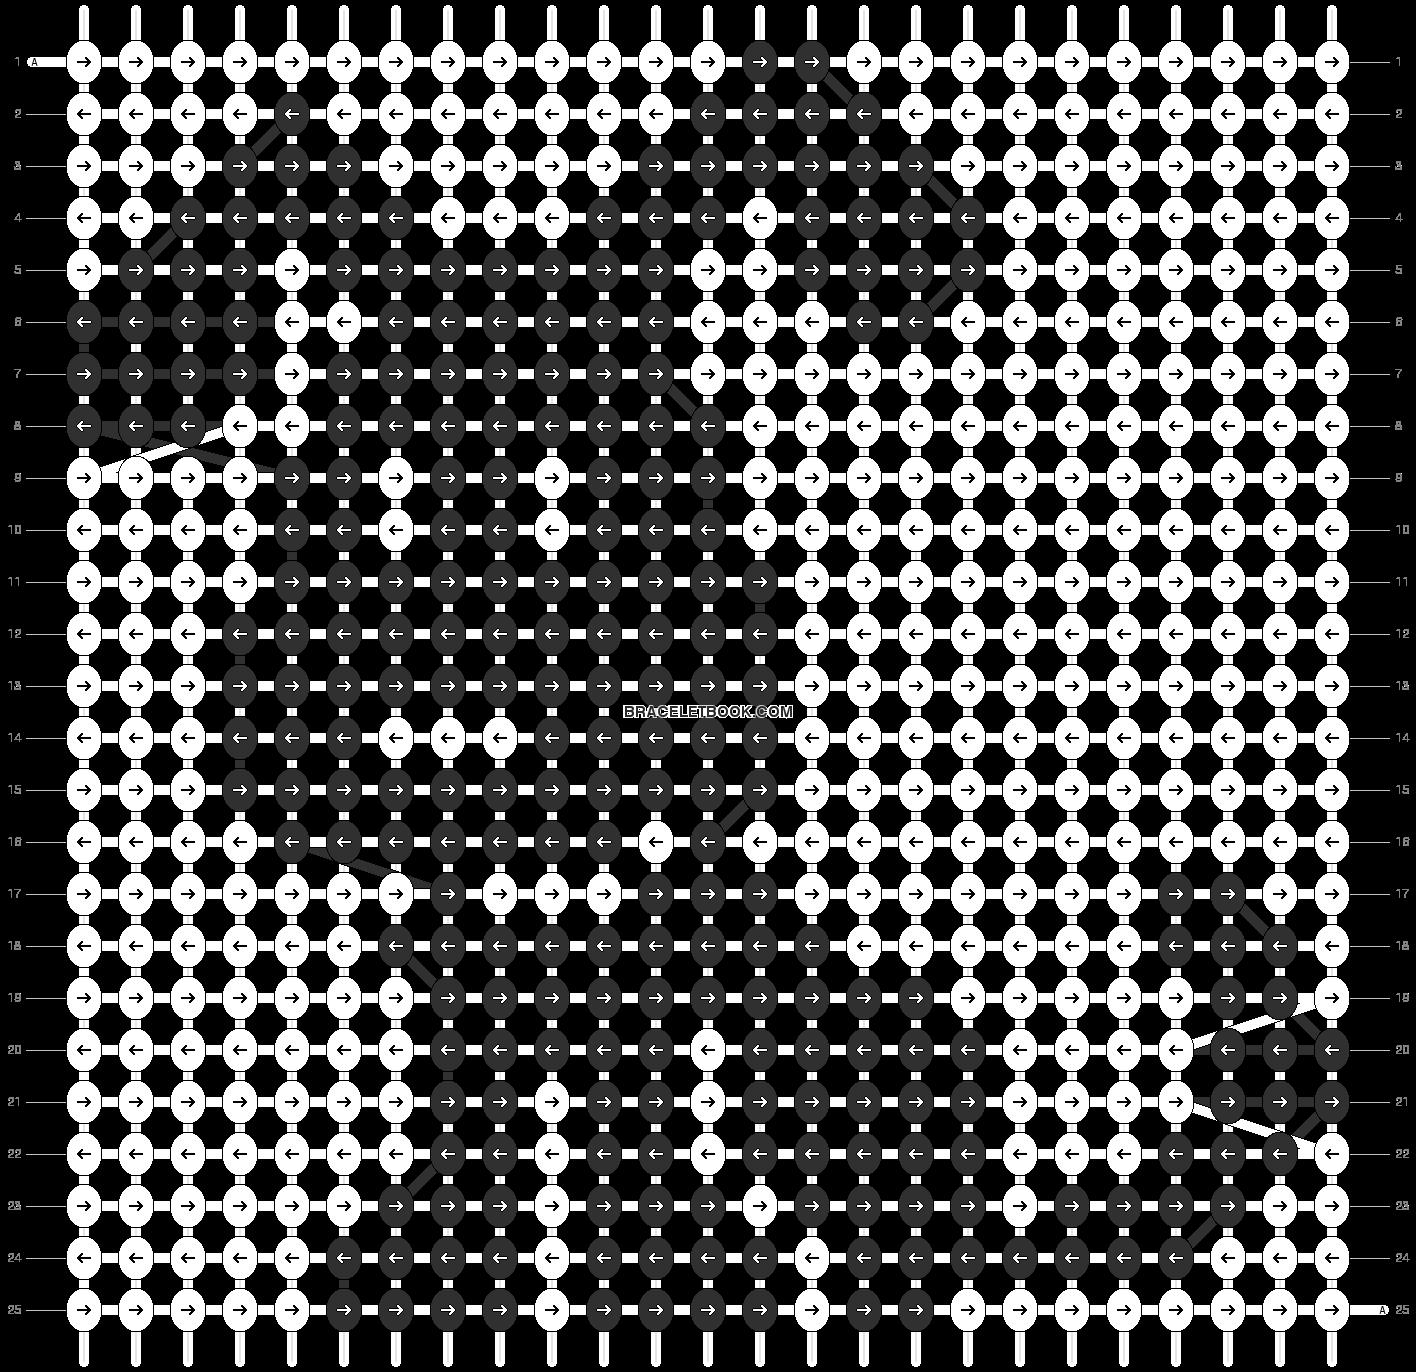 Alpha Pattern Added By Kelly11